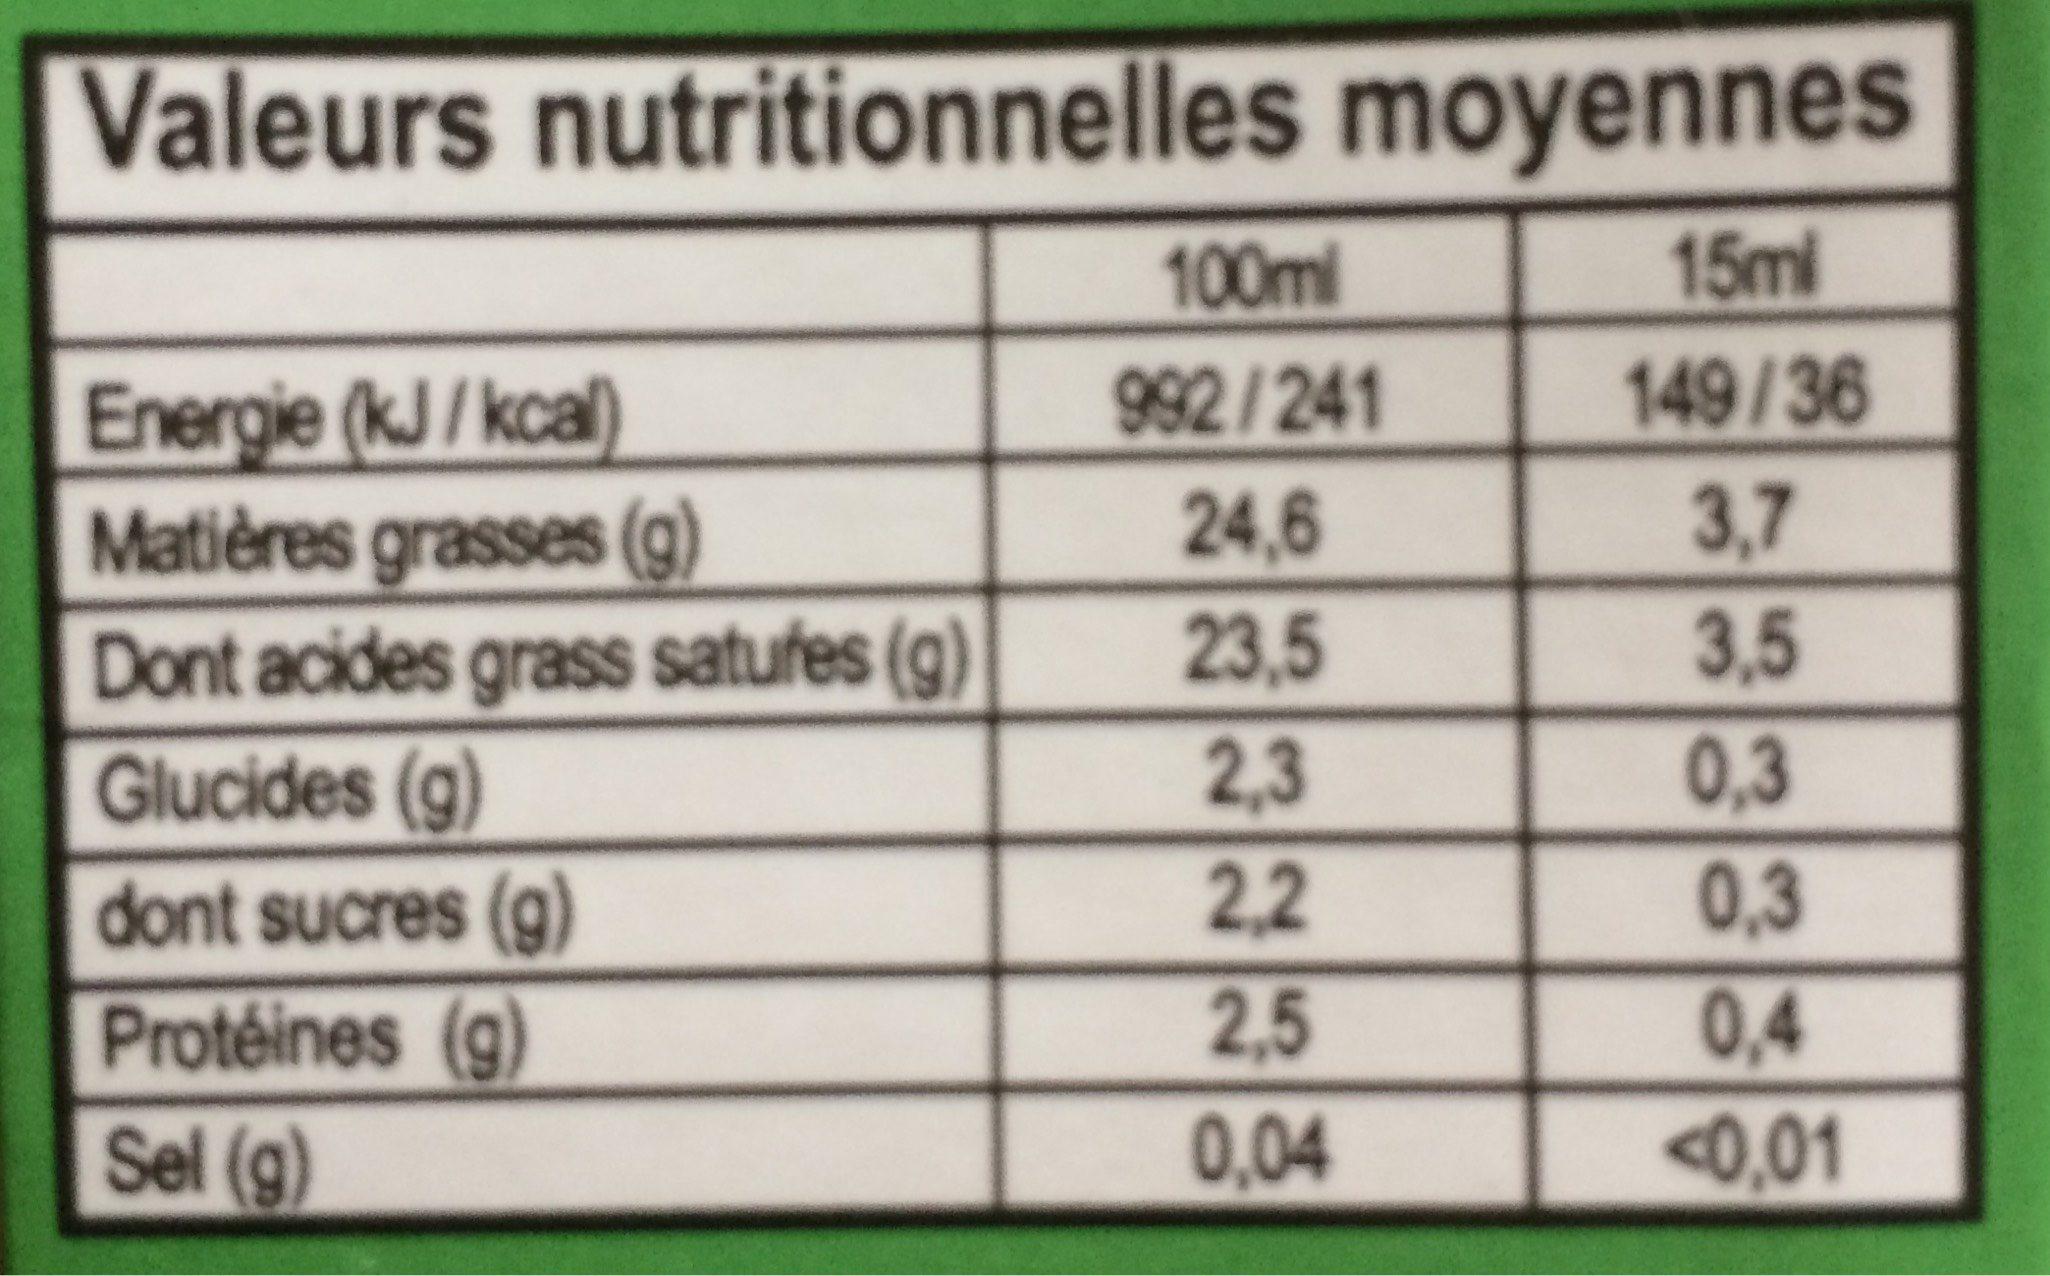 Crème de coco - Nutrition facts